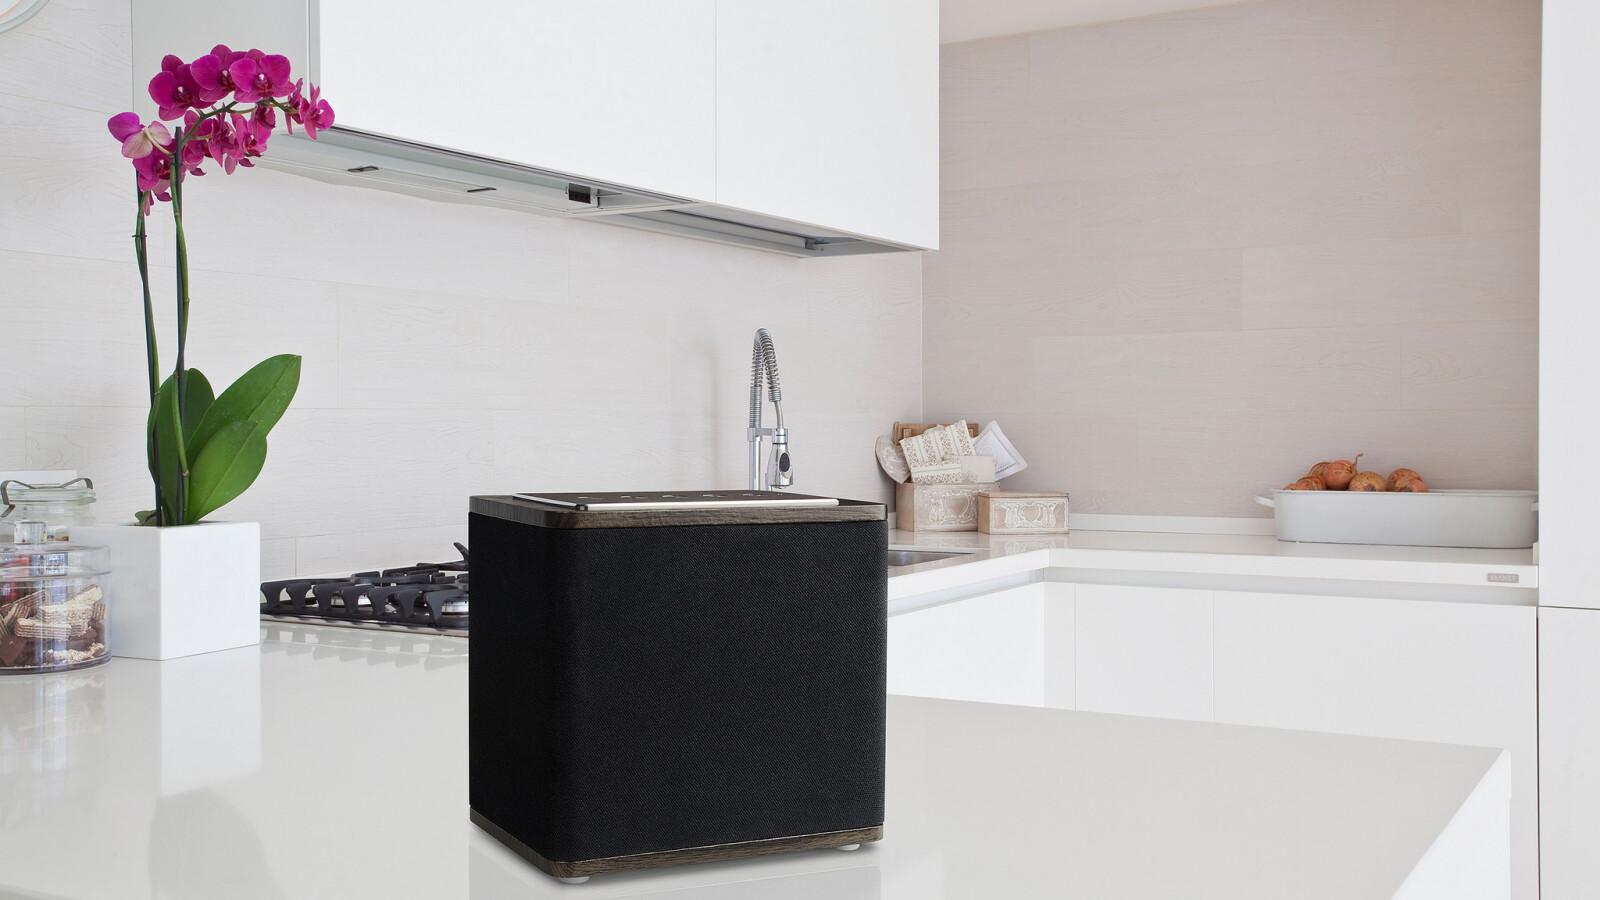 bei aldi wlan lautsprecher f r multiroom audio von medion netzwelt. Black Bedroom Furniture Sets. Home Design Ideas